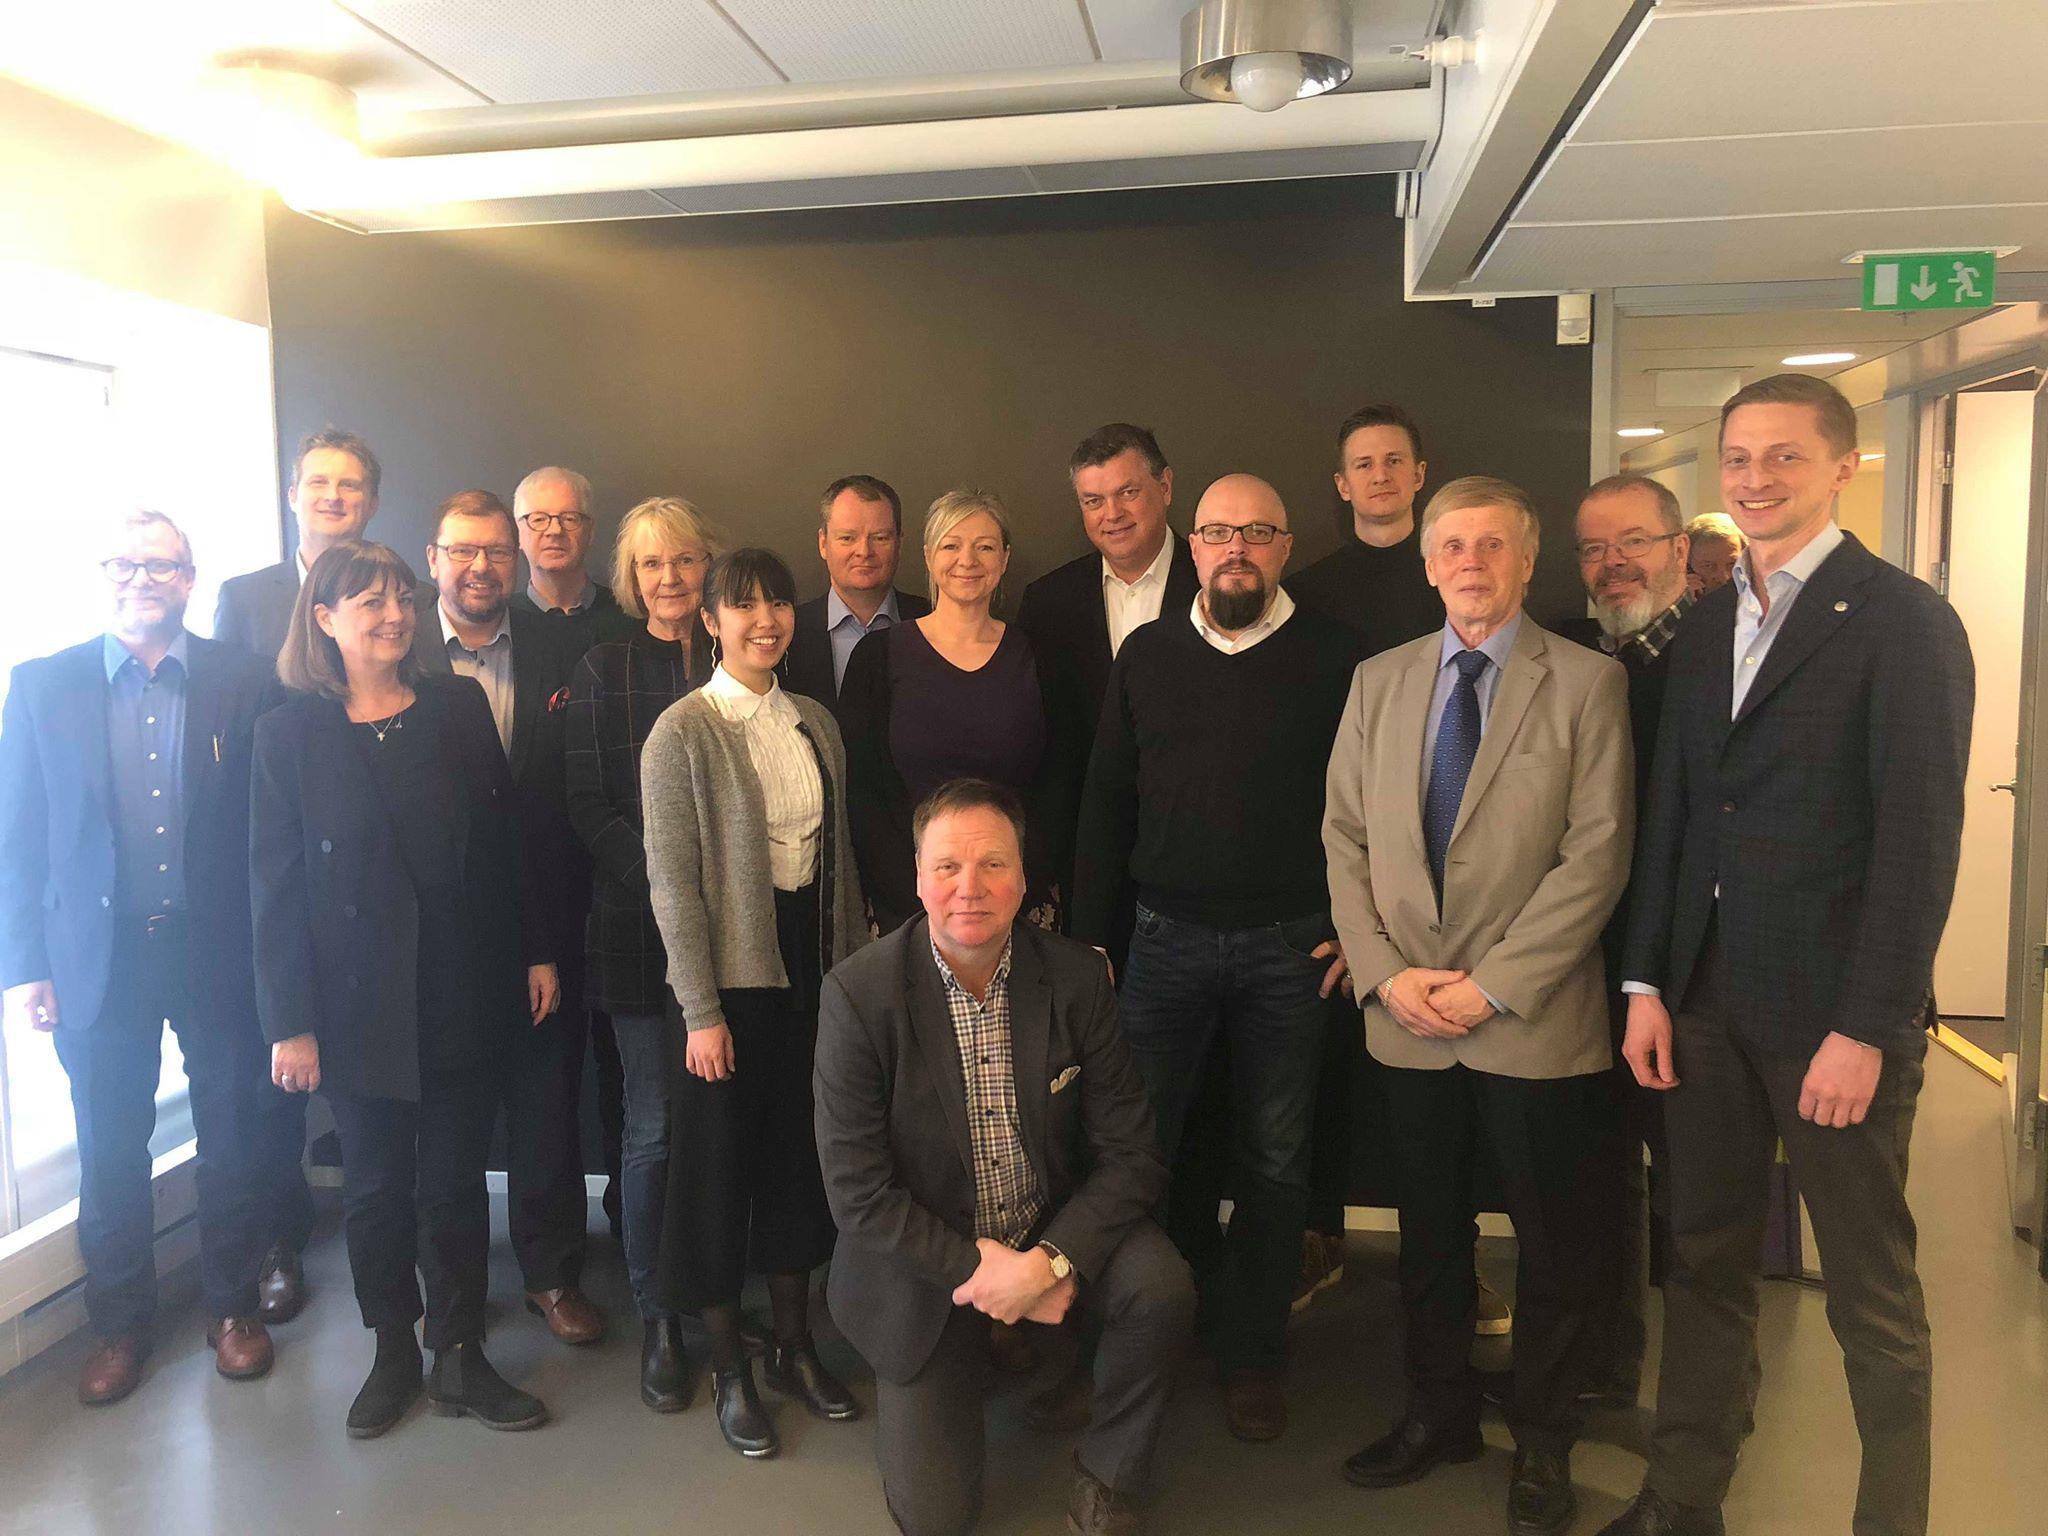 præsidiemøde stockholm marts 2019.jpg